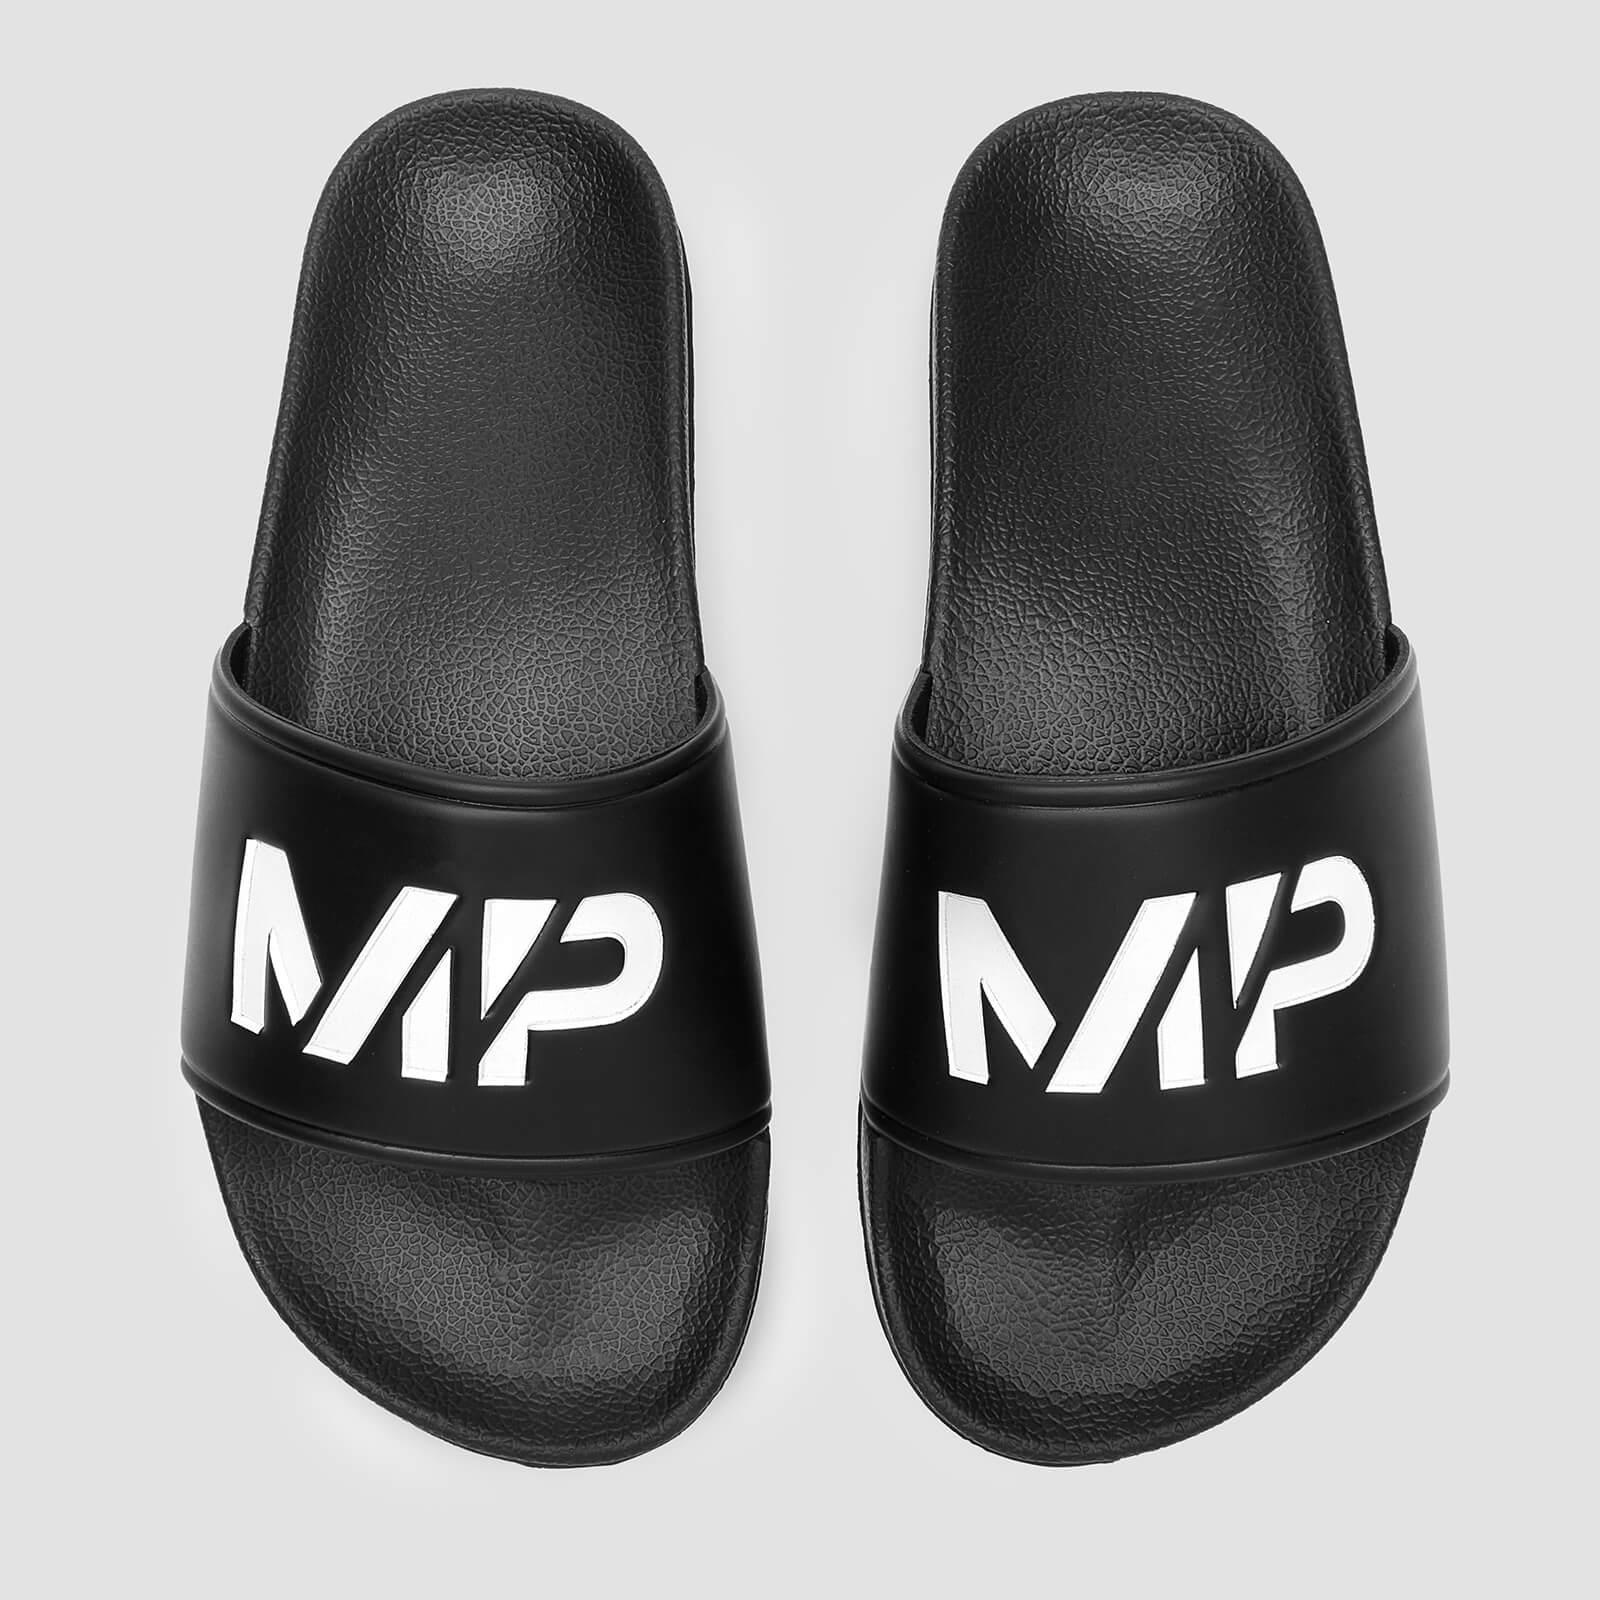 MP Men's Sliders - Black/White - UK 9